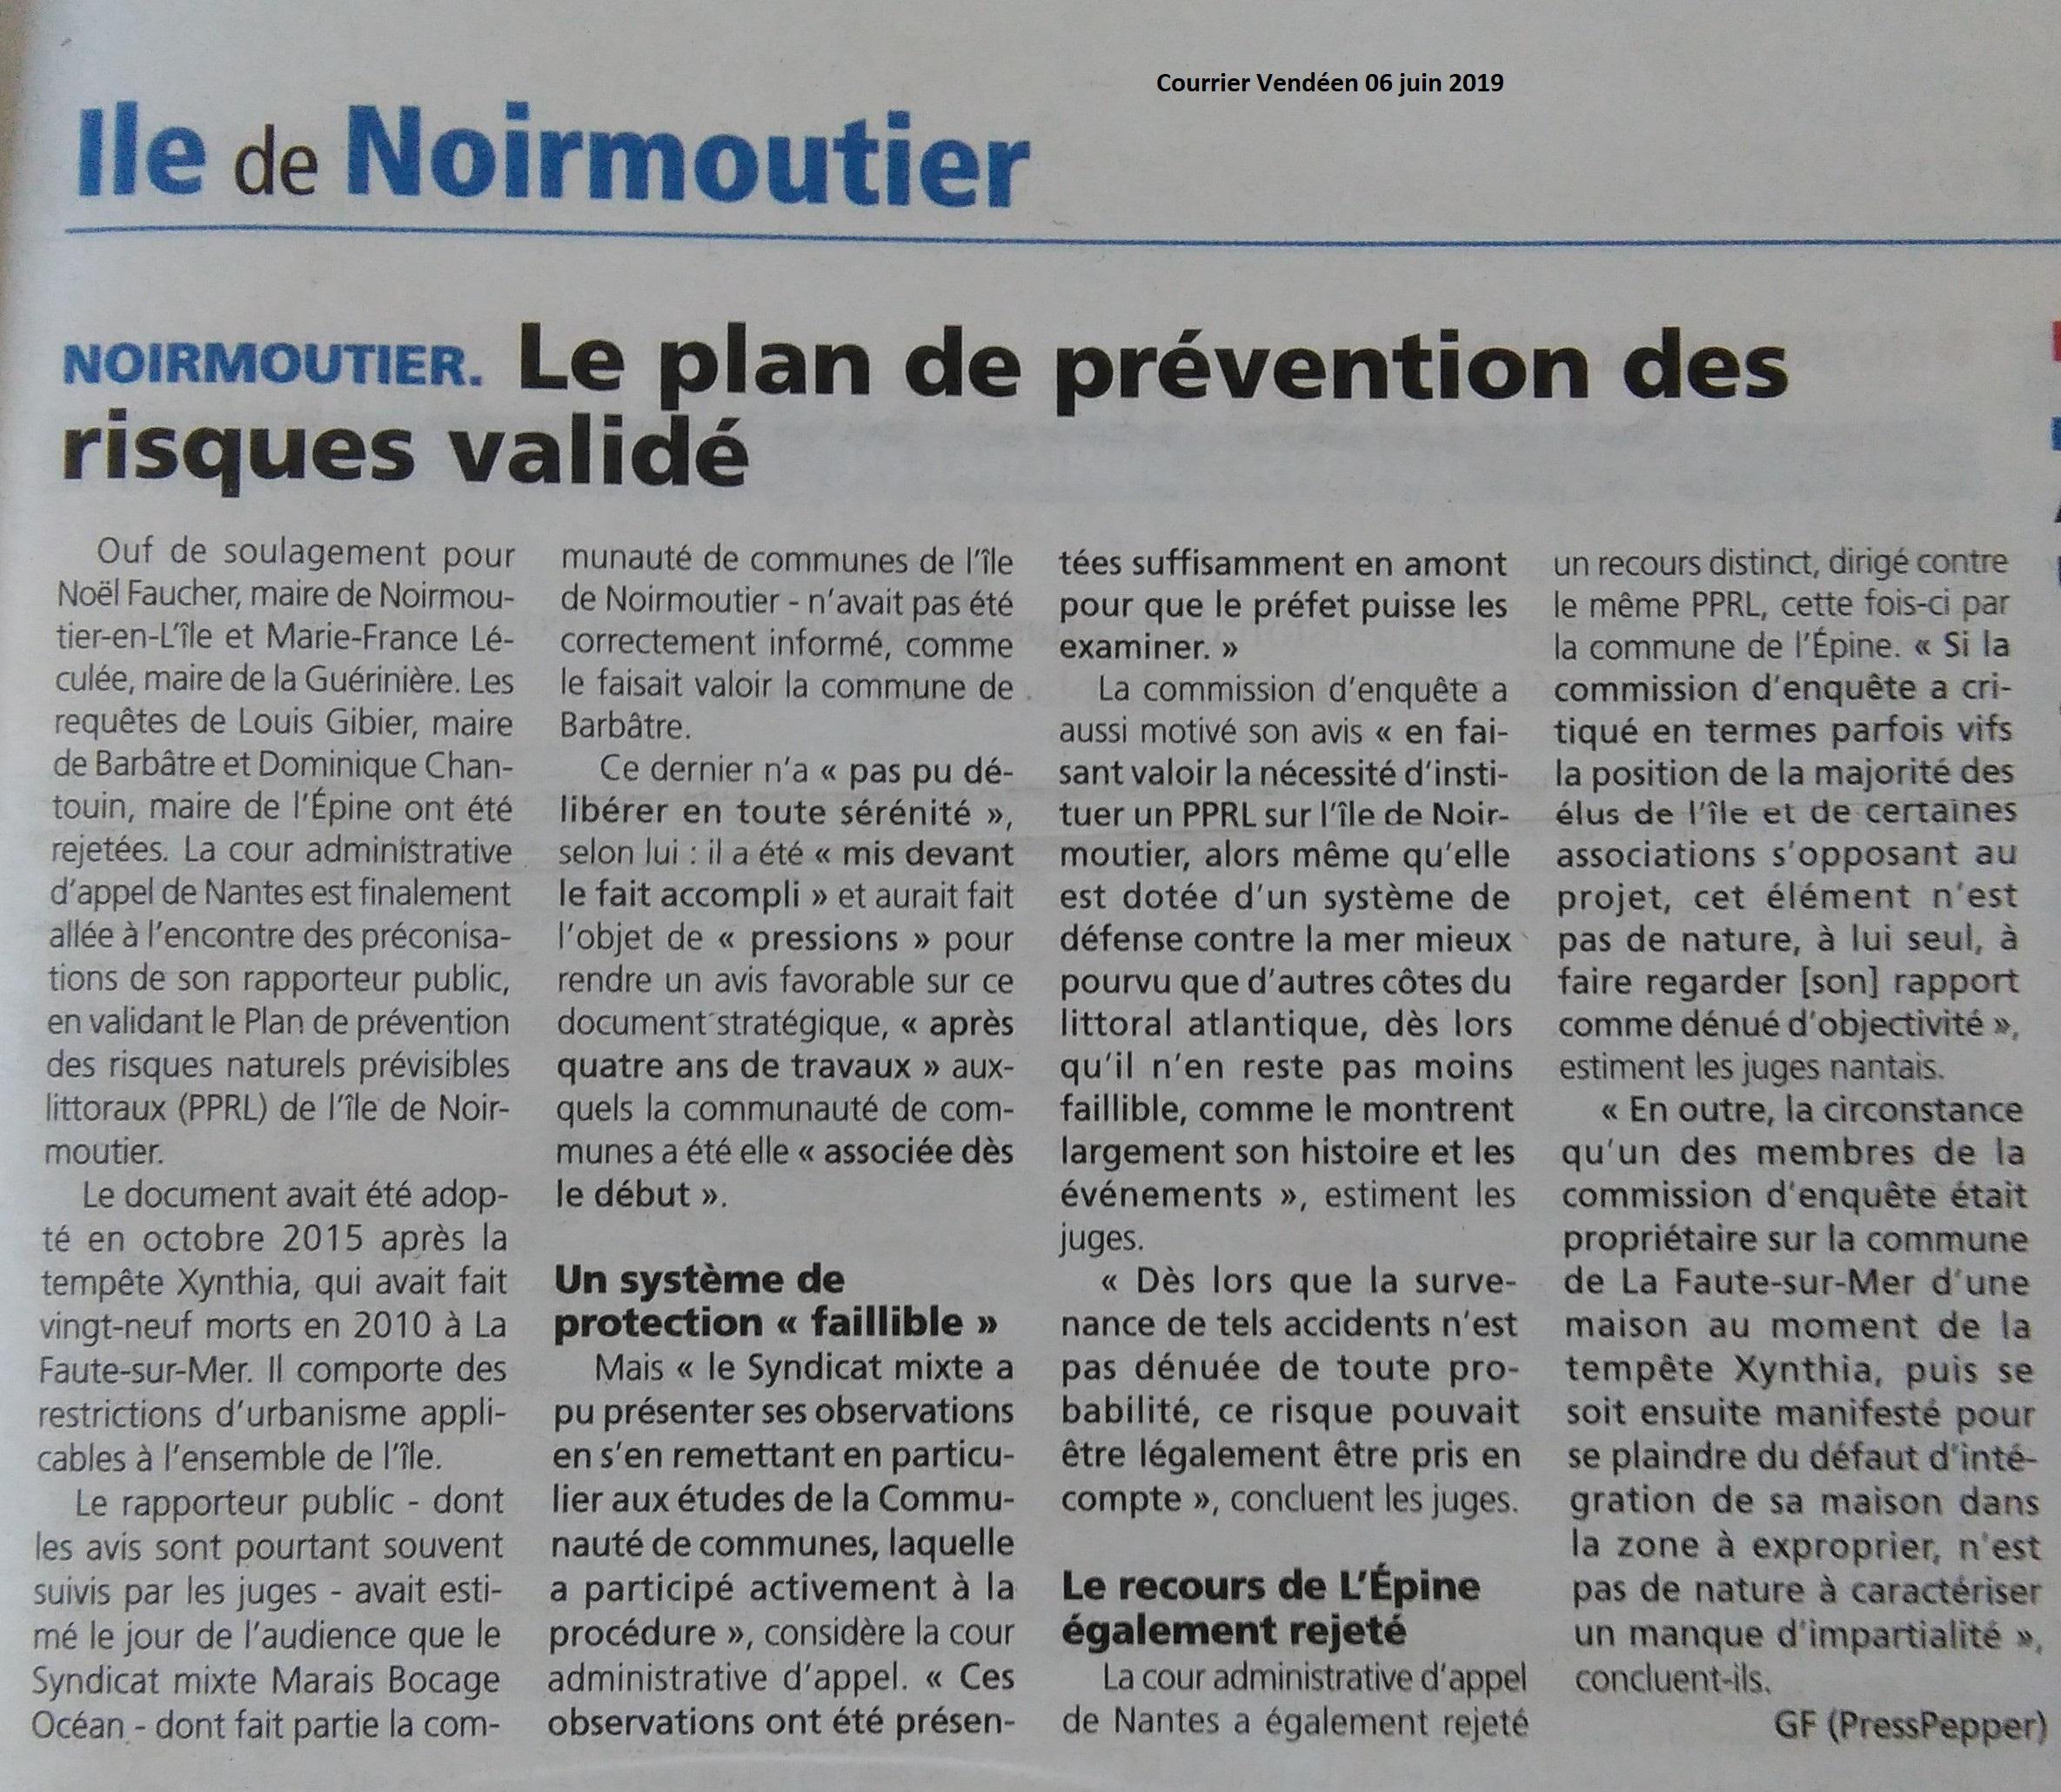 PPRL Courrier Vendéen 06.06.2019